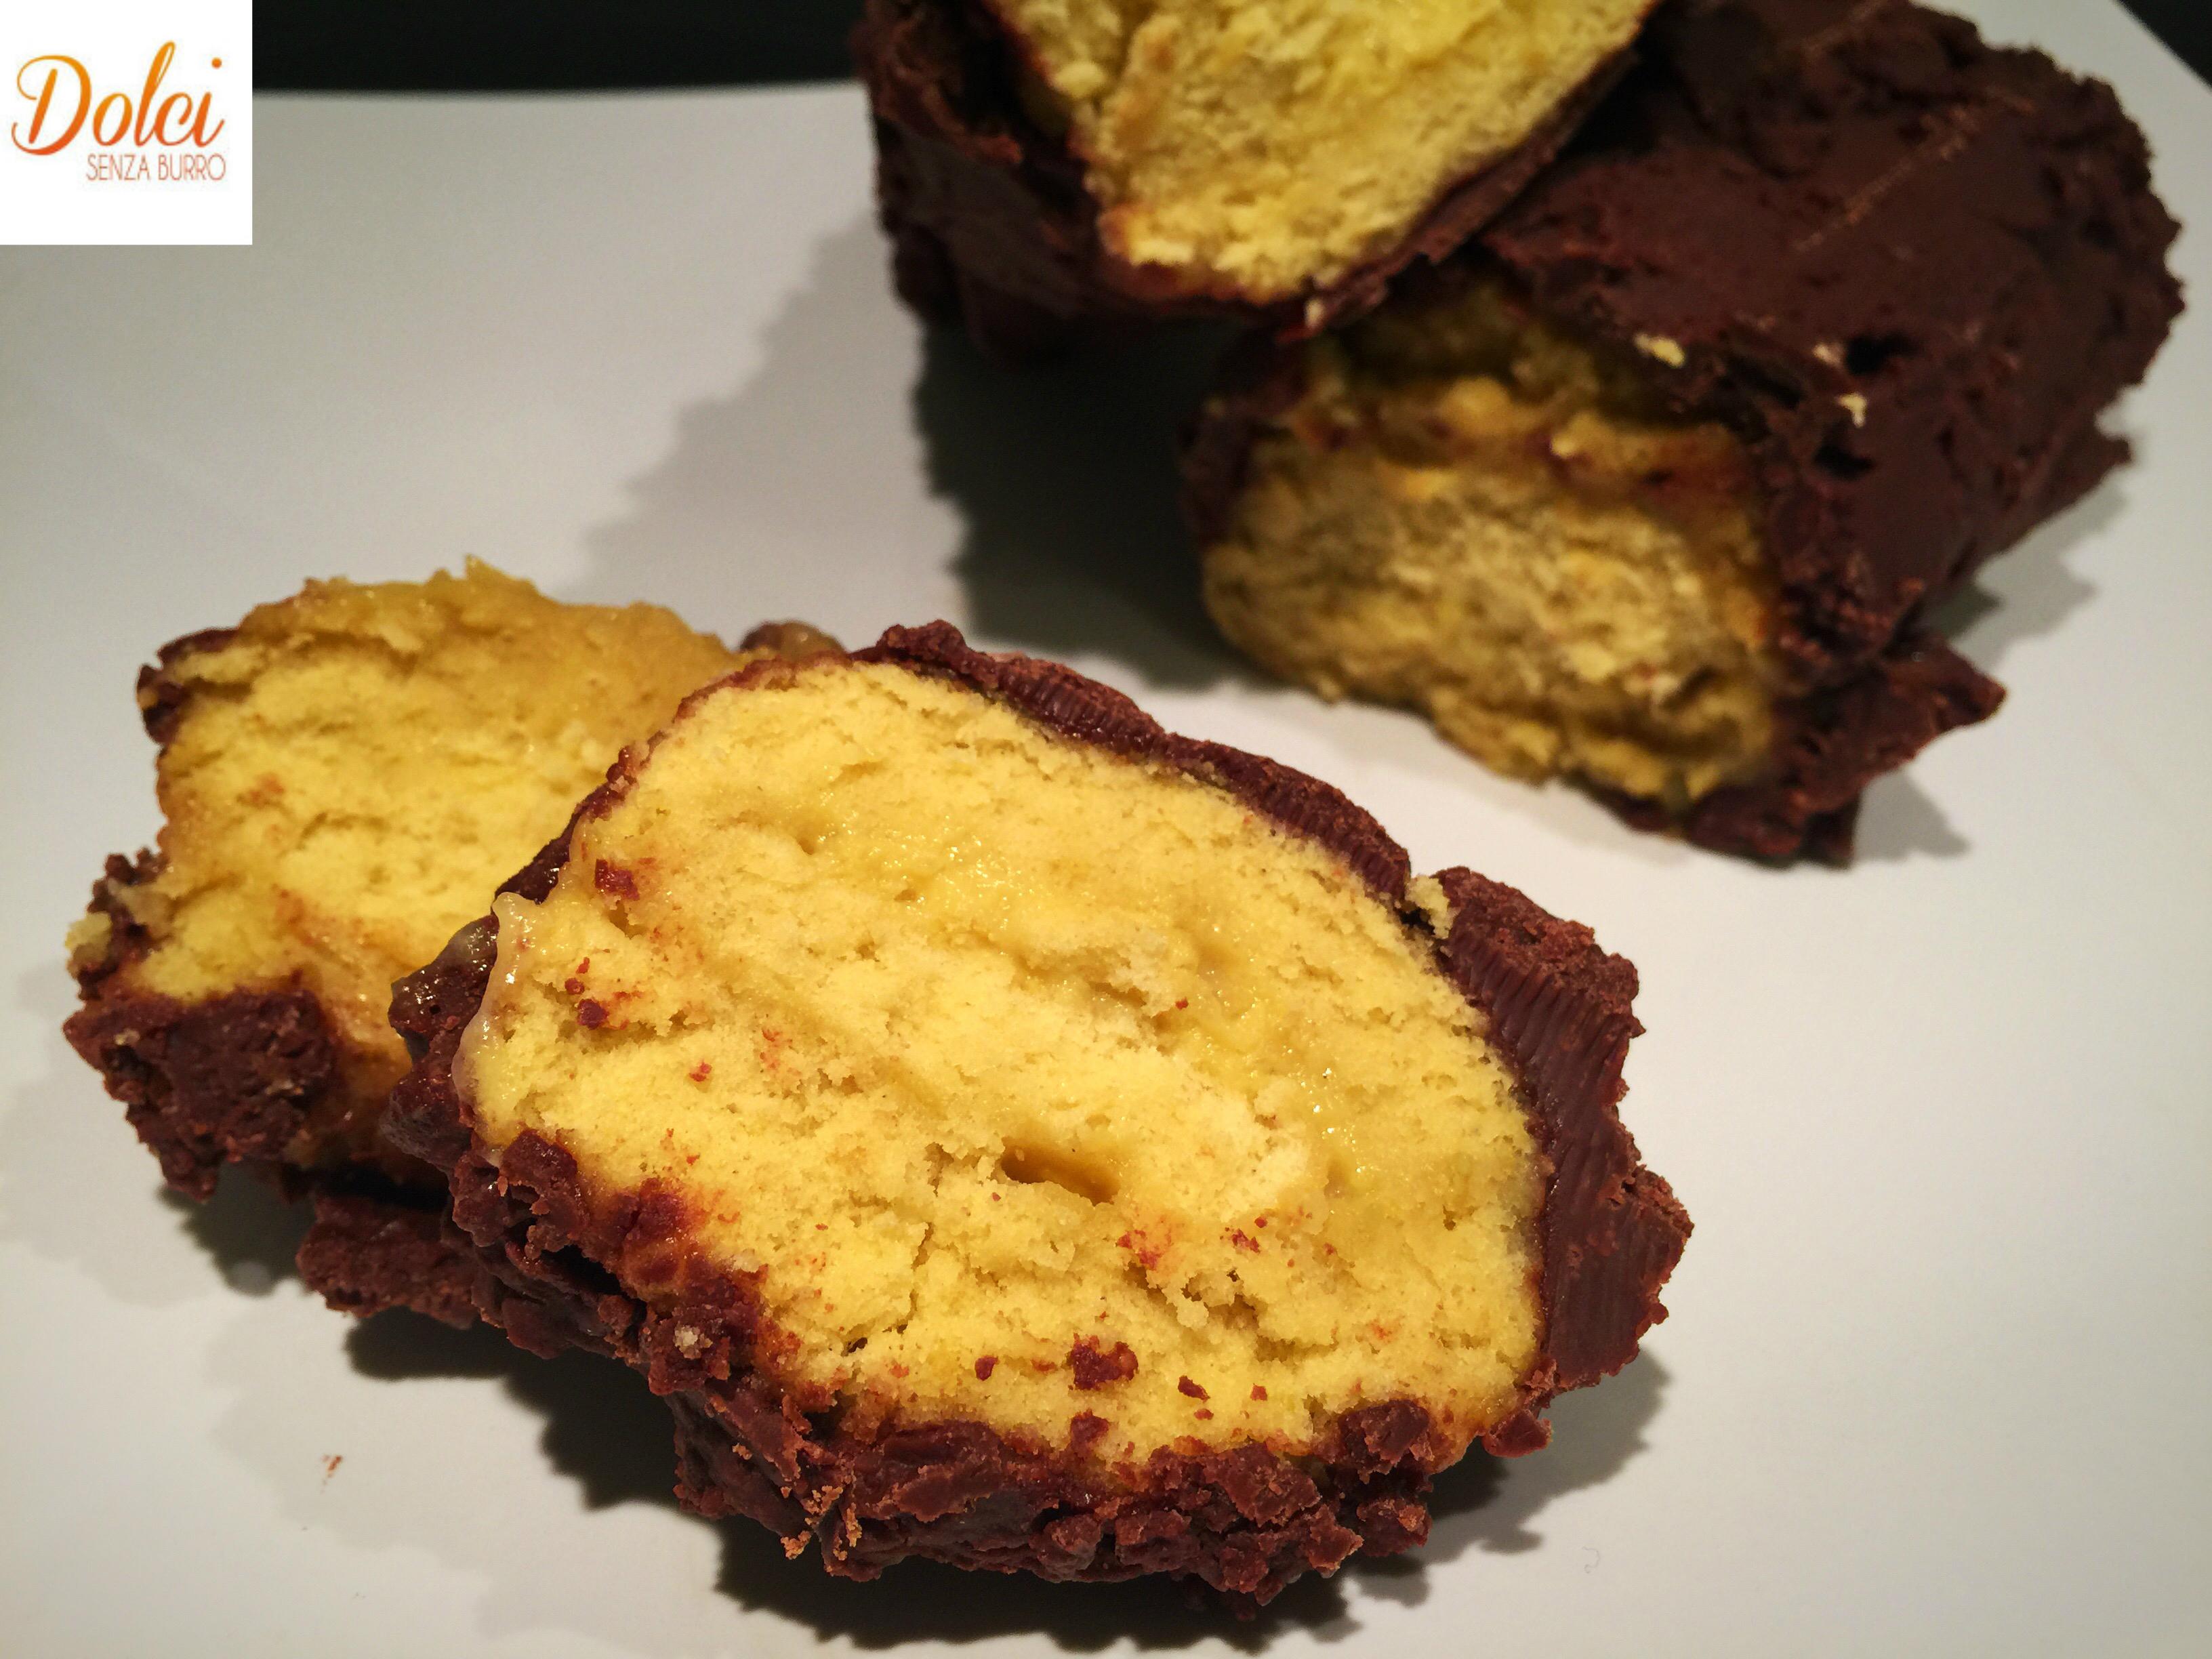 Rotolo al Cioccolato Senza Burro, il dolce goloso e sfizioso di dolci senza burro